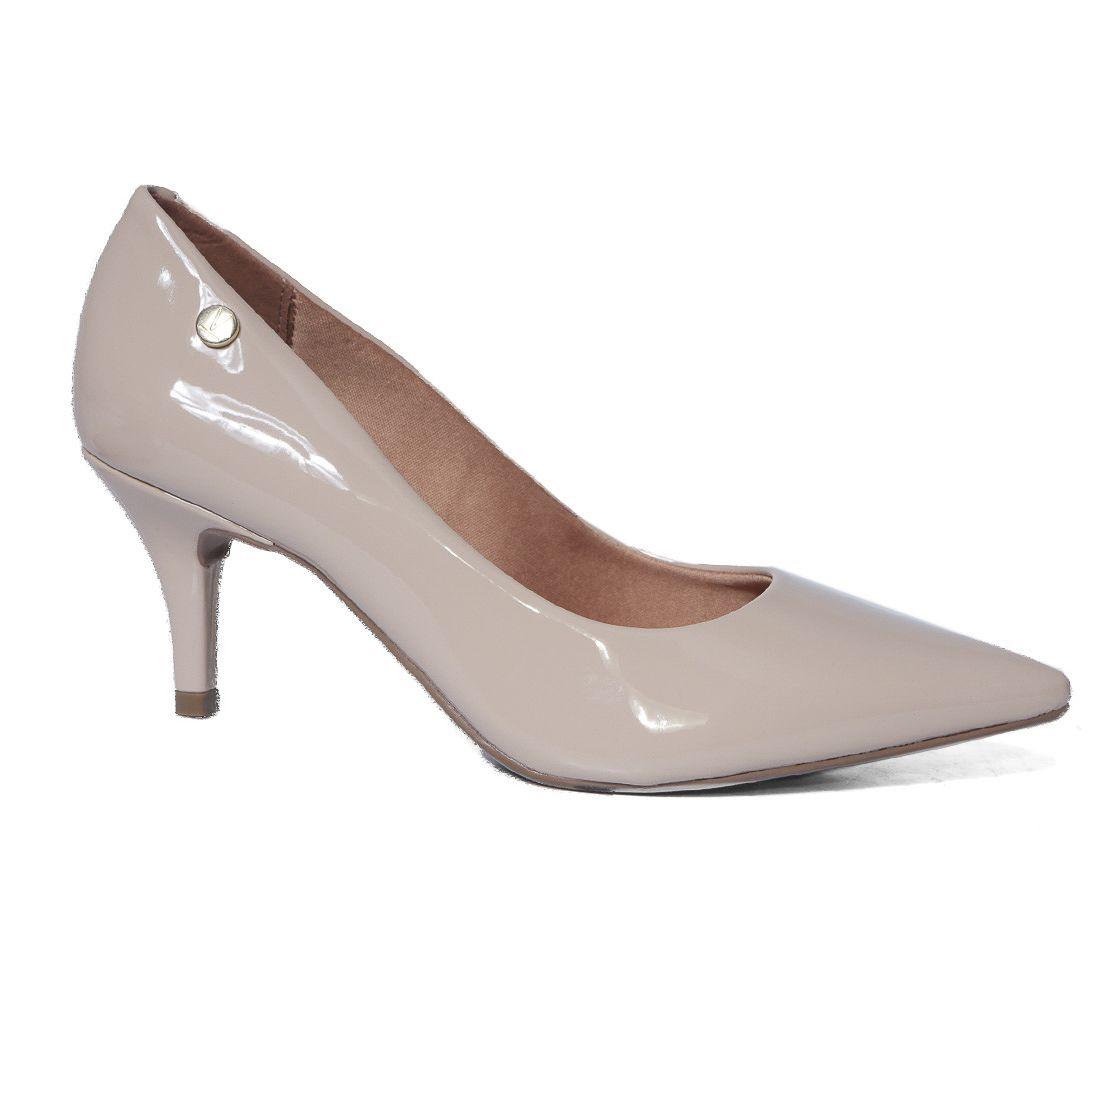 Sapato Scarpin Feminino Salto Baixo Vizzano 1185.102